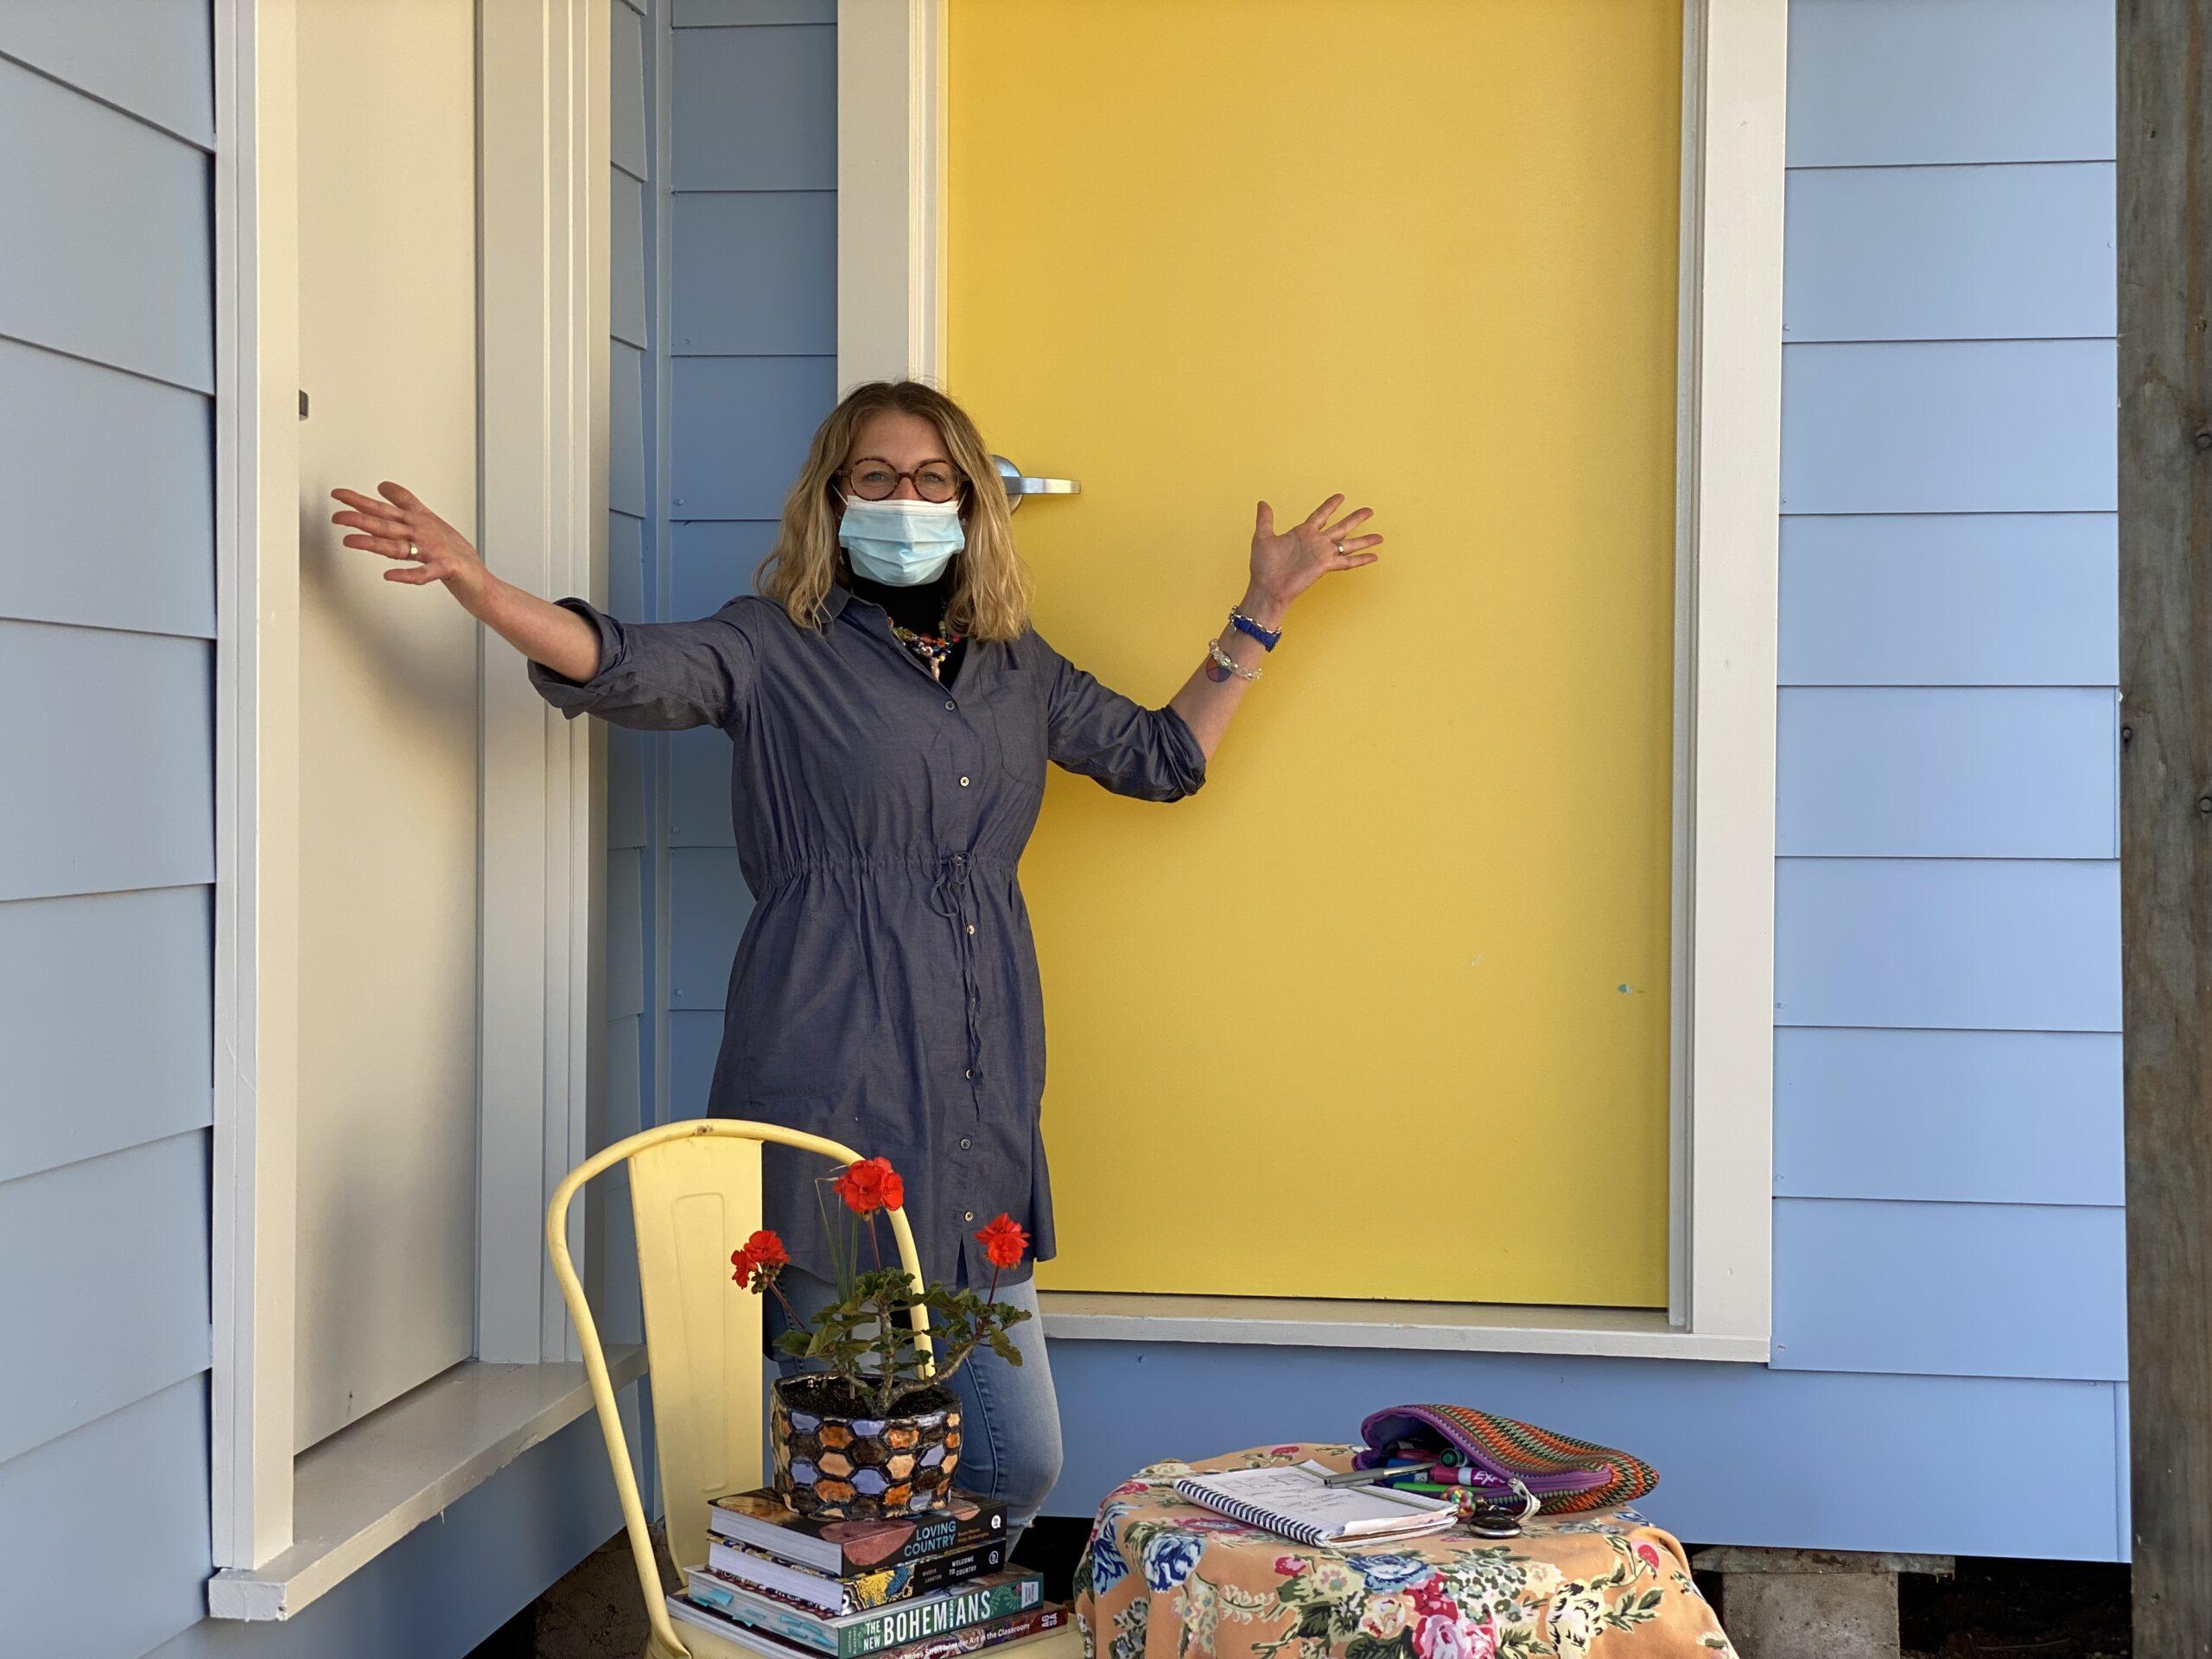 What's behind the yellow door?